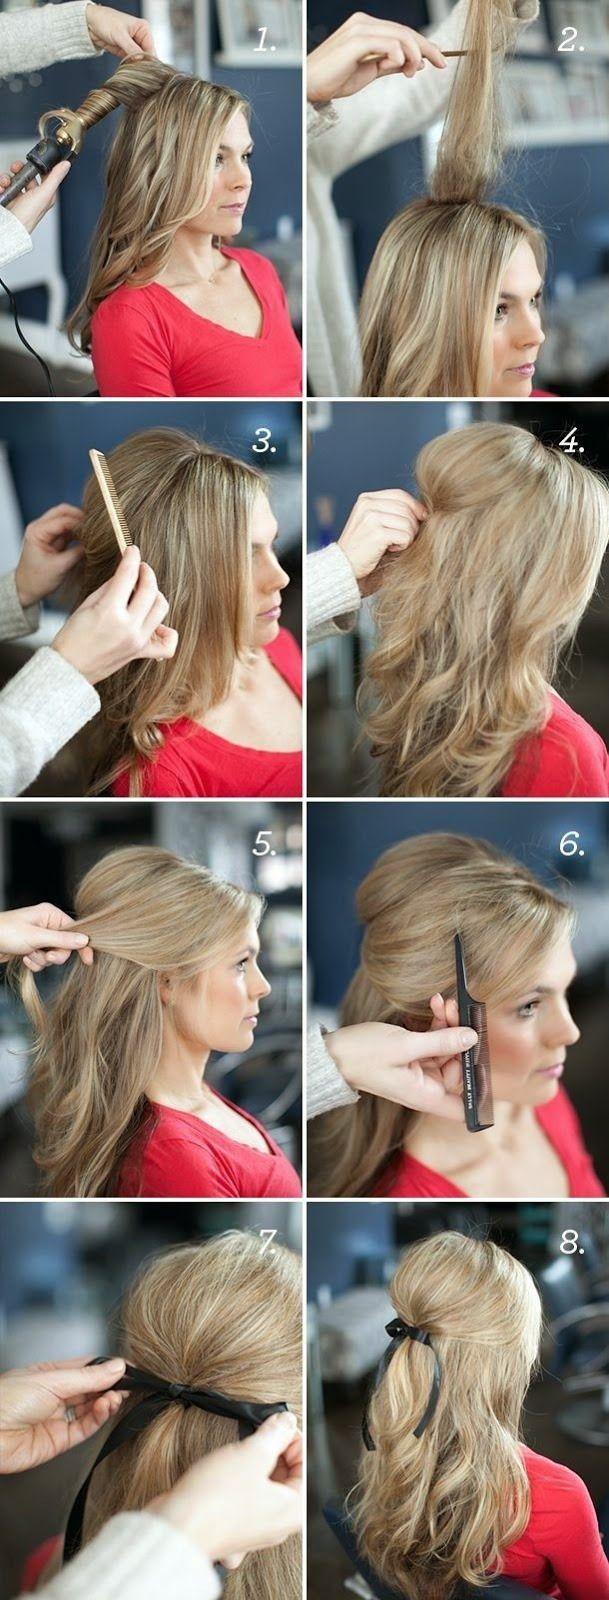 BOW HAIRSTYLE-TUTORIAL FÜR PARTYS - SCHRITT FÜR SCHRITT # Frisur-Tutorials #Frisur #DIY #DIYHairStyle #DIY Tutorials #MädchenFrisur #Frisur #Mode